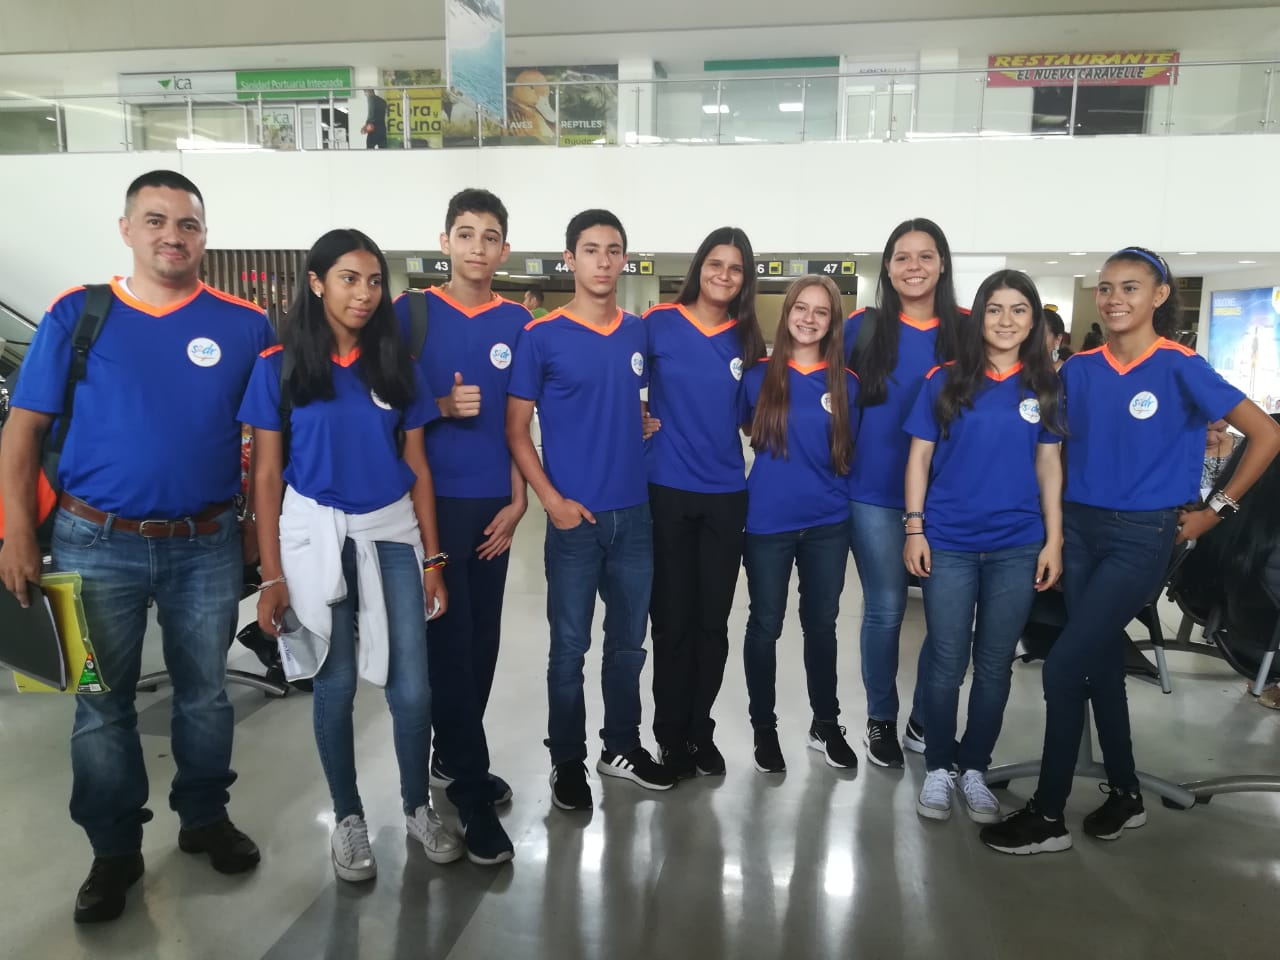 Experiencia internacional La Arboleda: un viaje para crecer y aprender